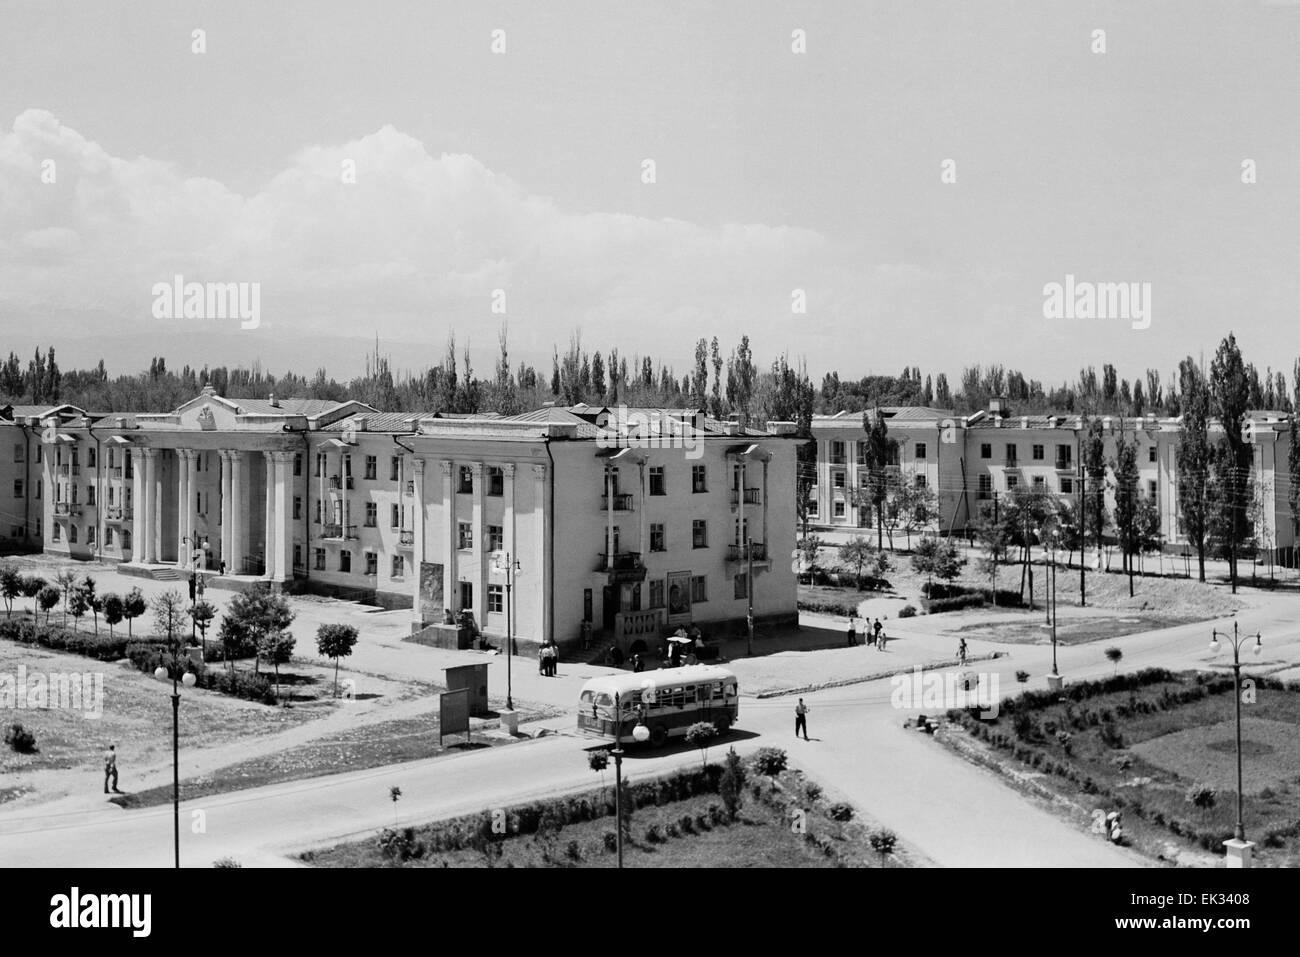 Frunze  Kyrgyz SSR  USSR  Frunze City Stock Photo: 80588936